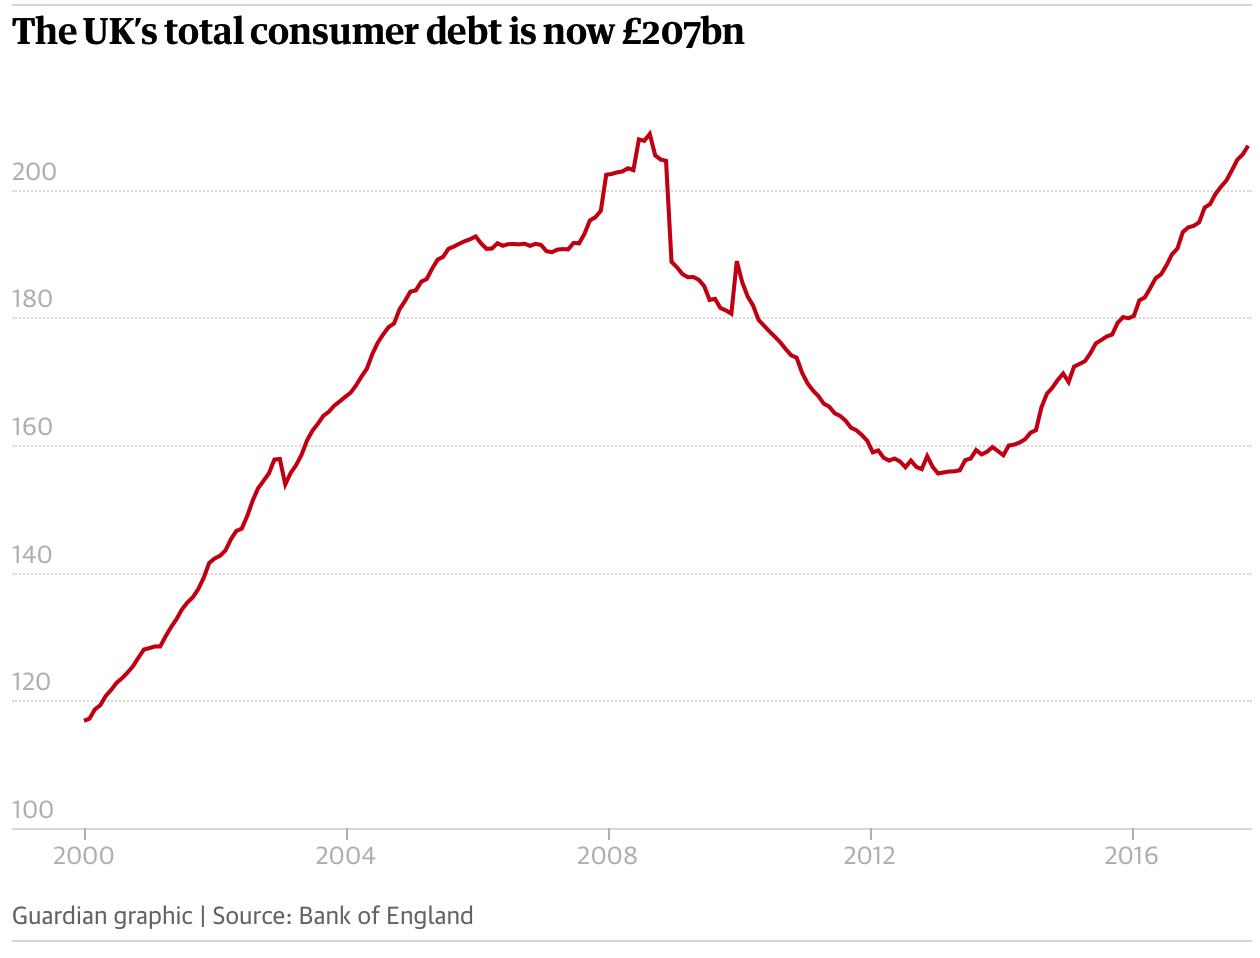 UK Total Consumer Debt, 2000 - 2018